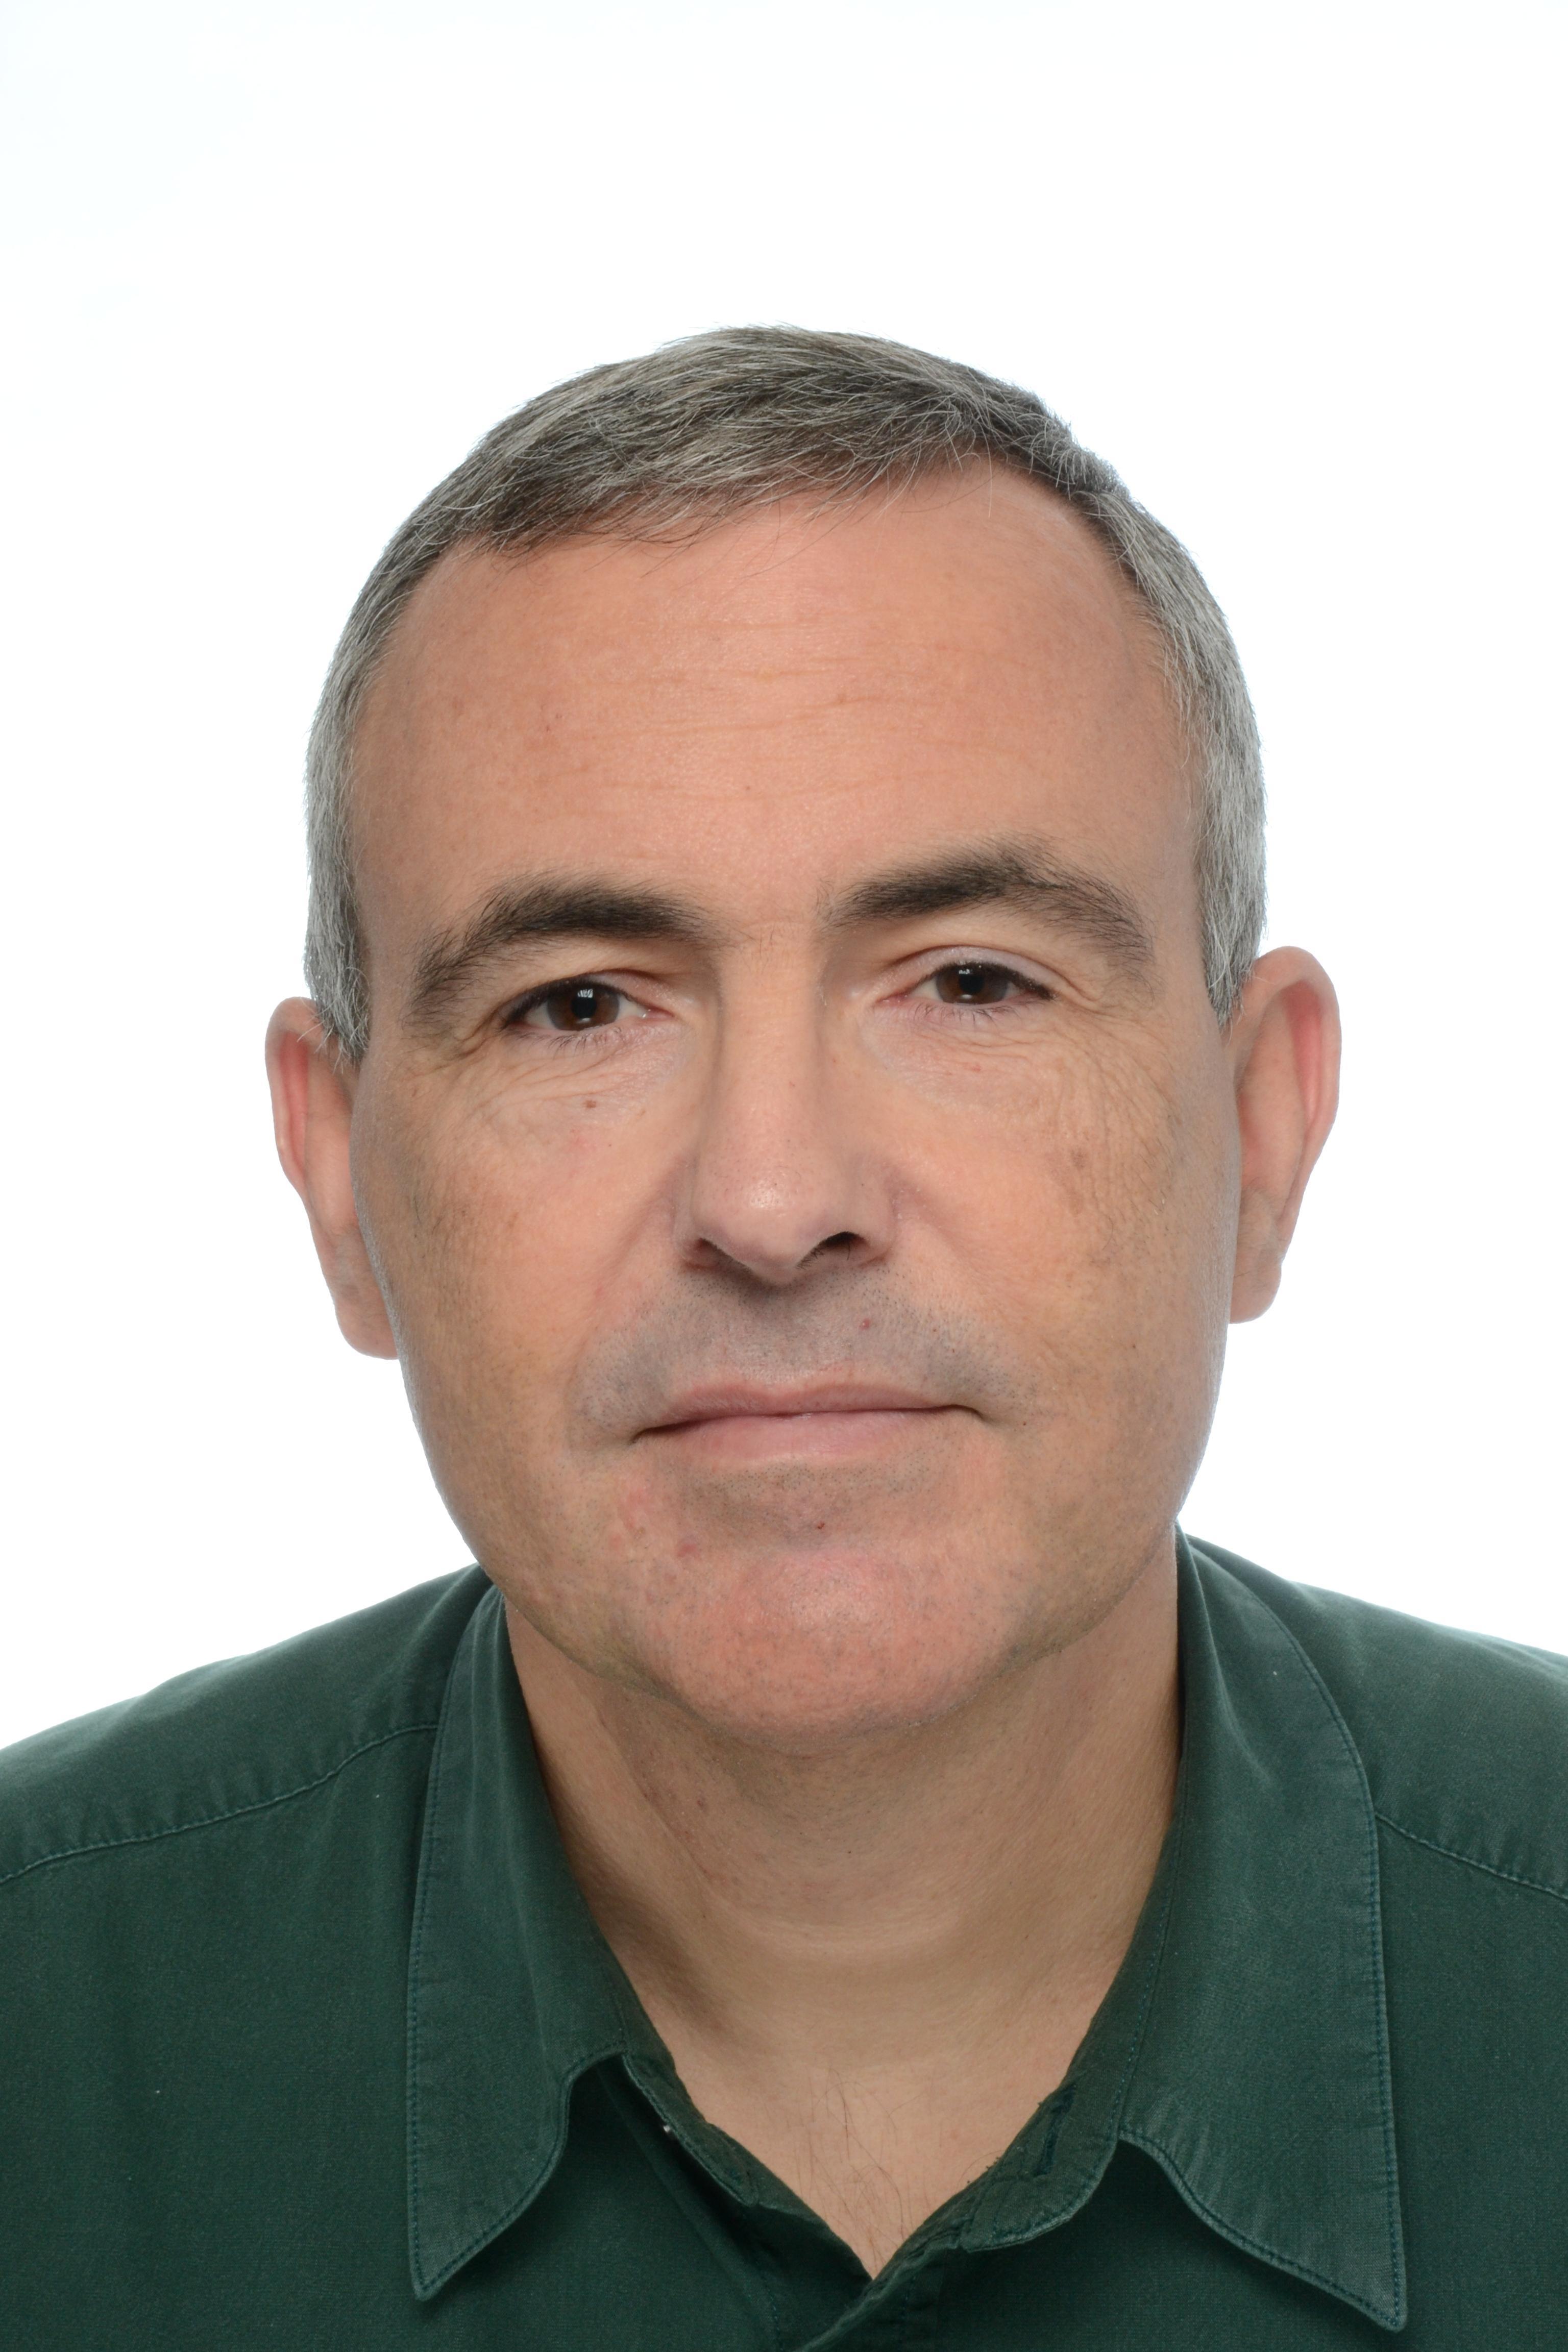 Scott Van Wagner